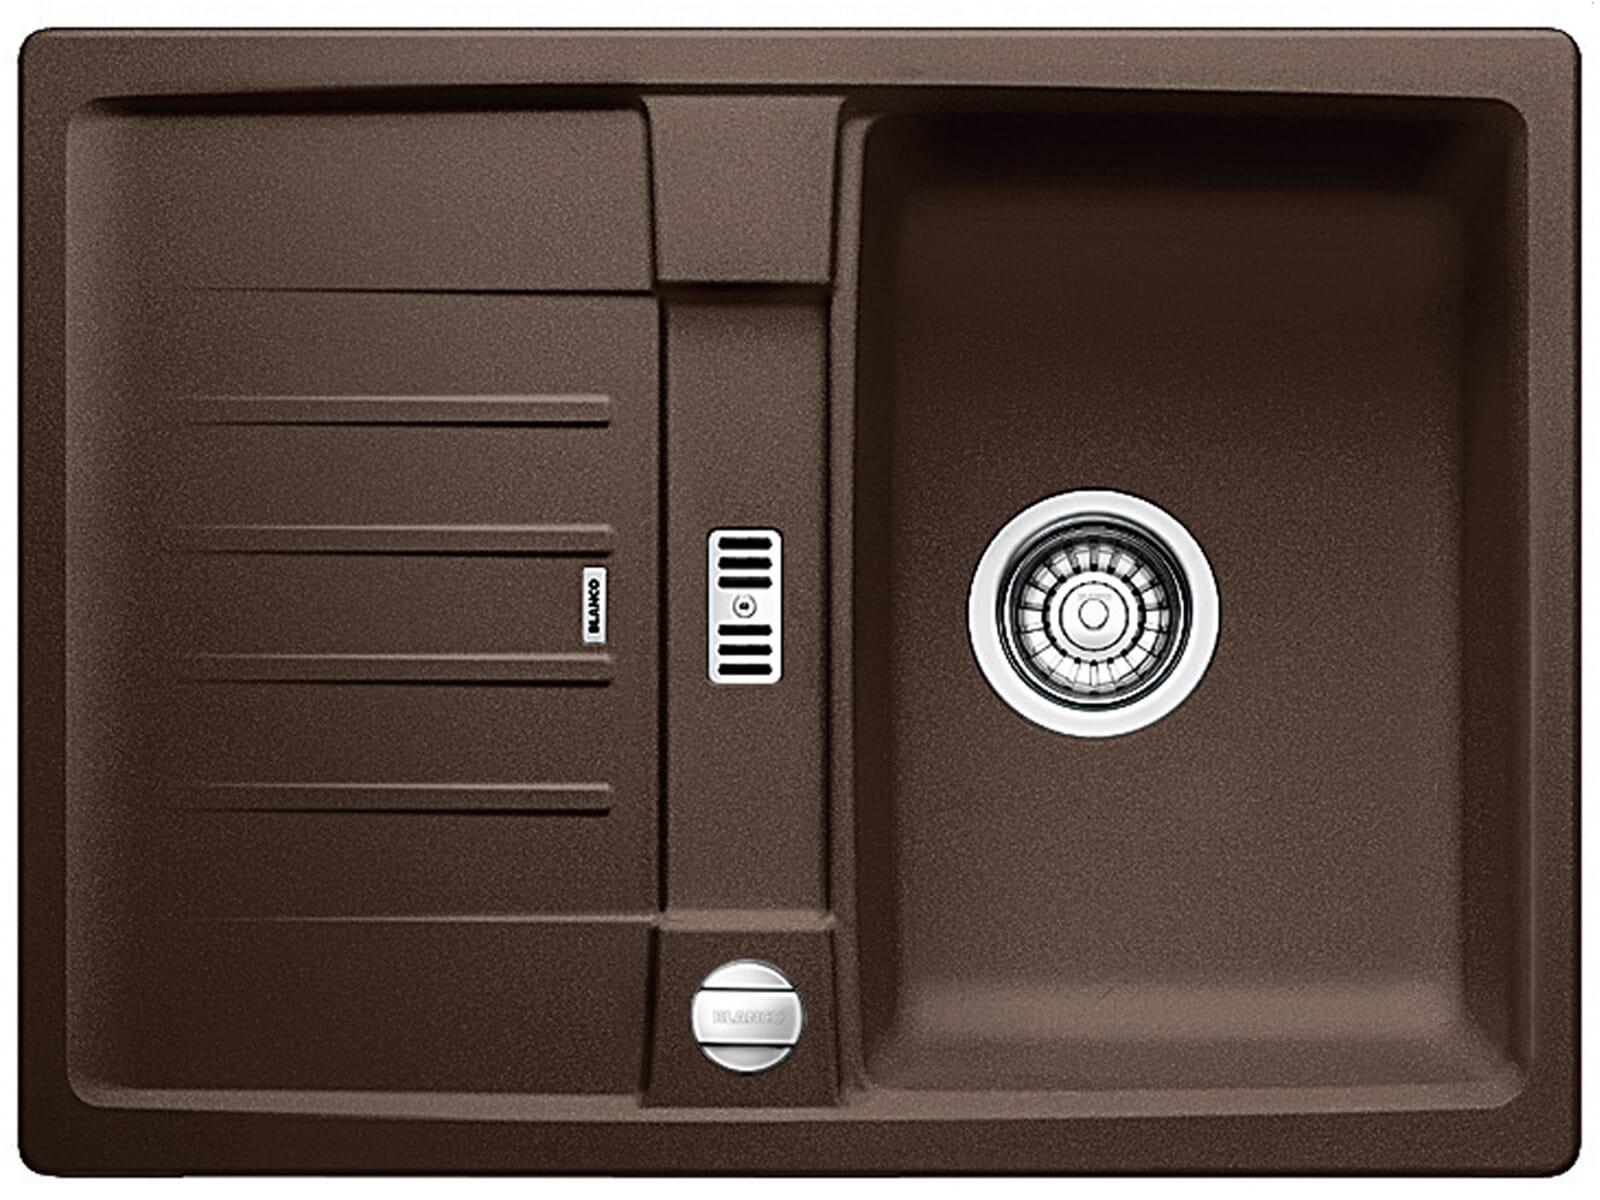 blanco lexa 40 s cafe granit sp le f r 194 90 eur. Black Bedroom Furniture Sets. Home Design Ideas